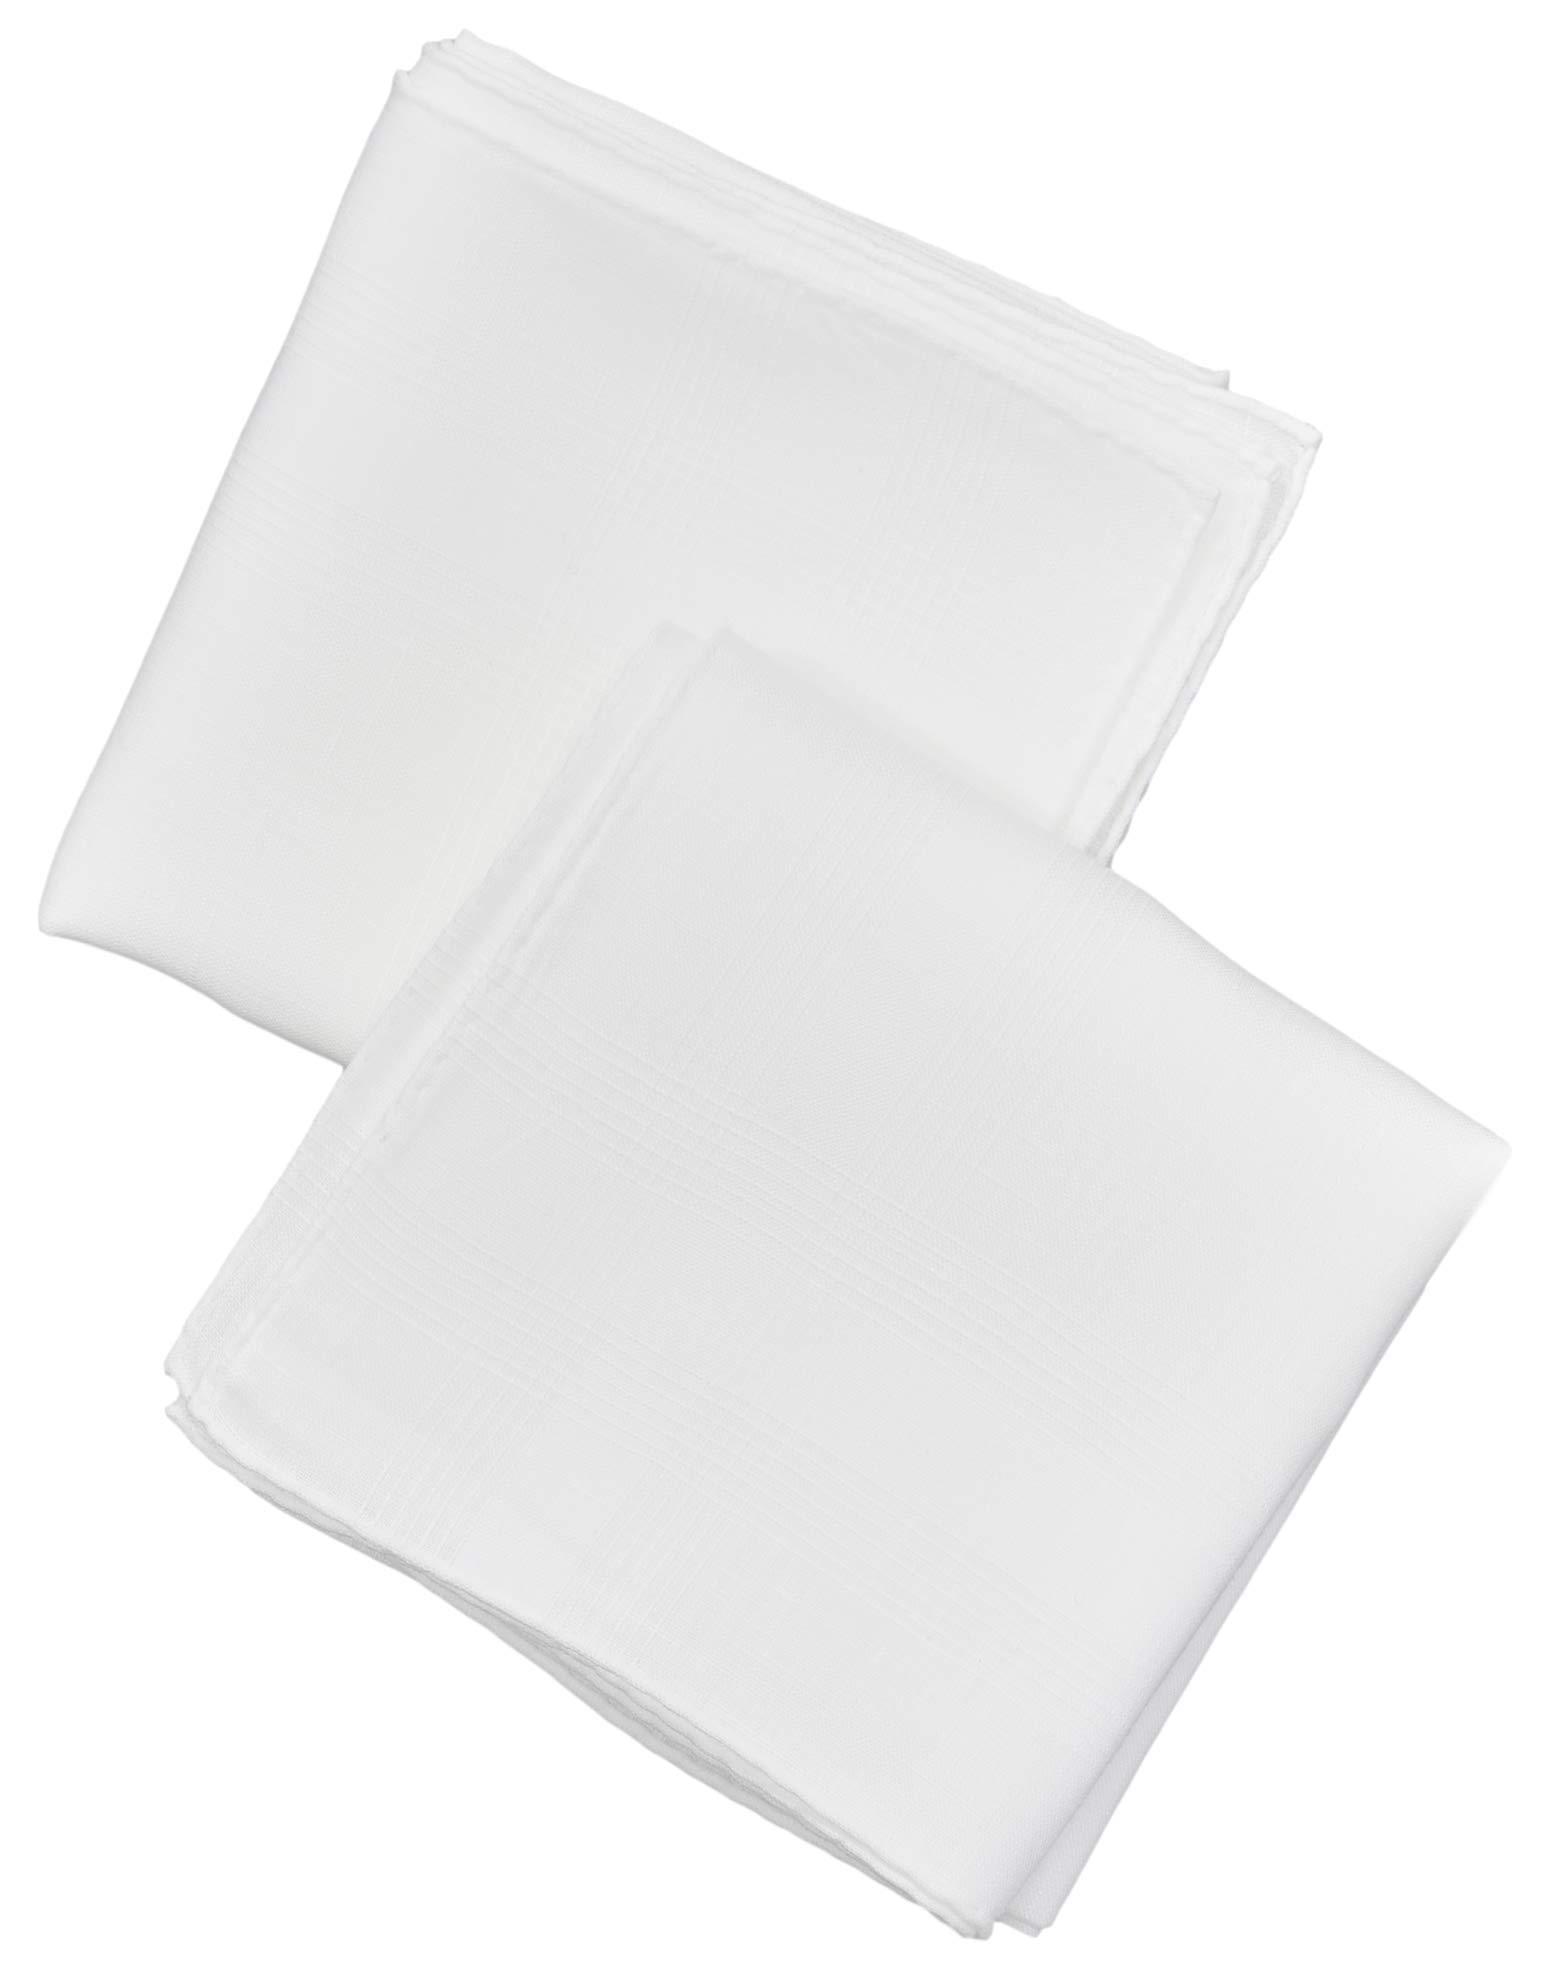 Thomas Ferguson – Gentlemen's Irish Linen Corded Handkerchief with Hand-rolled Hem, BH174 White (2 in Gift Box)